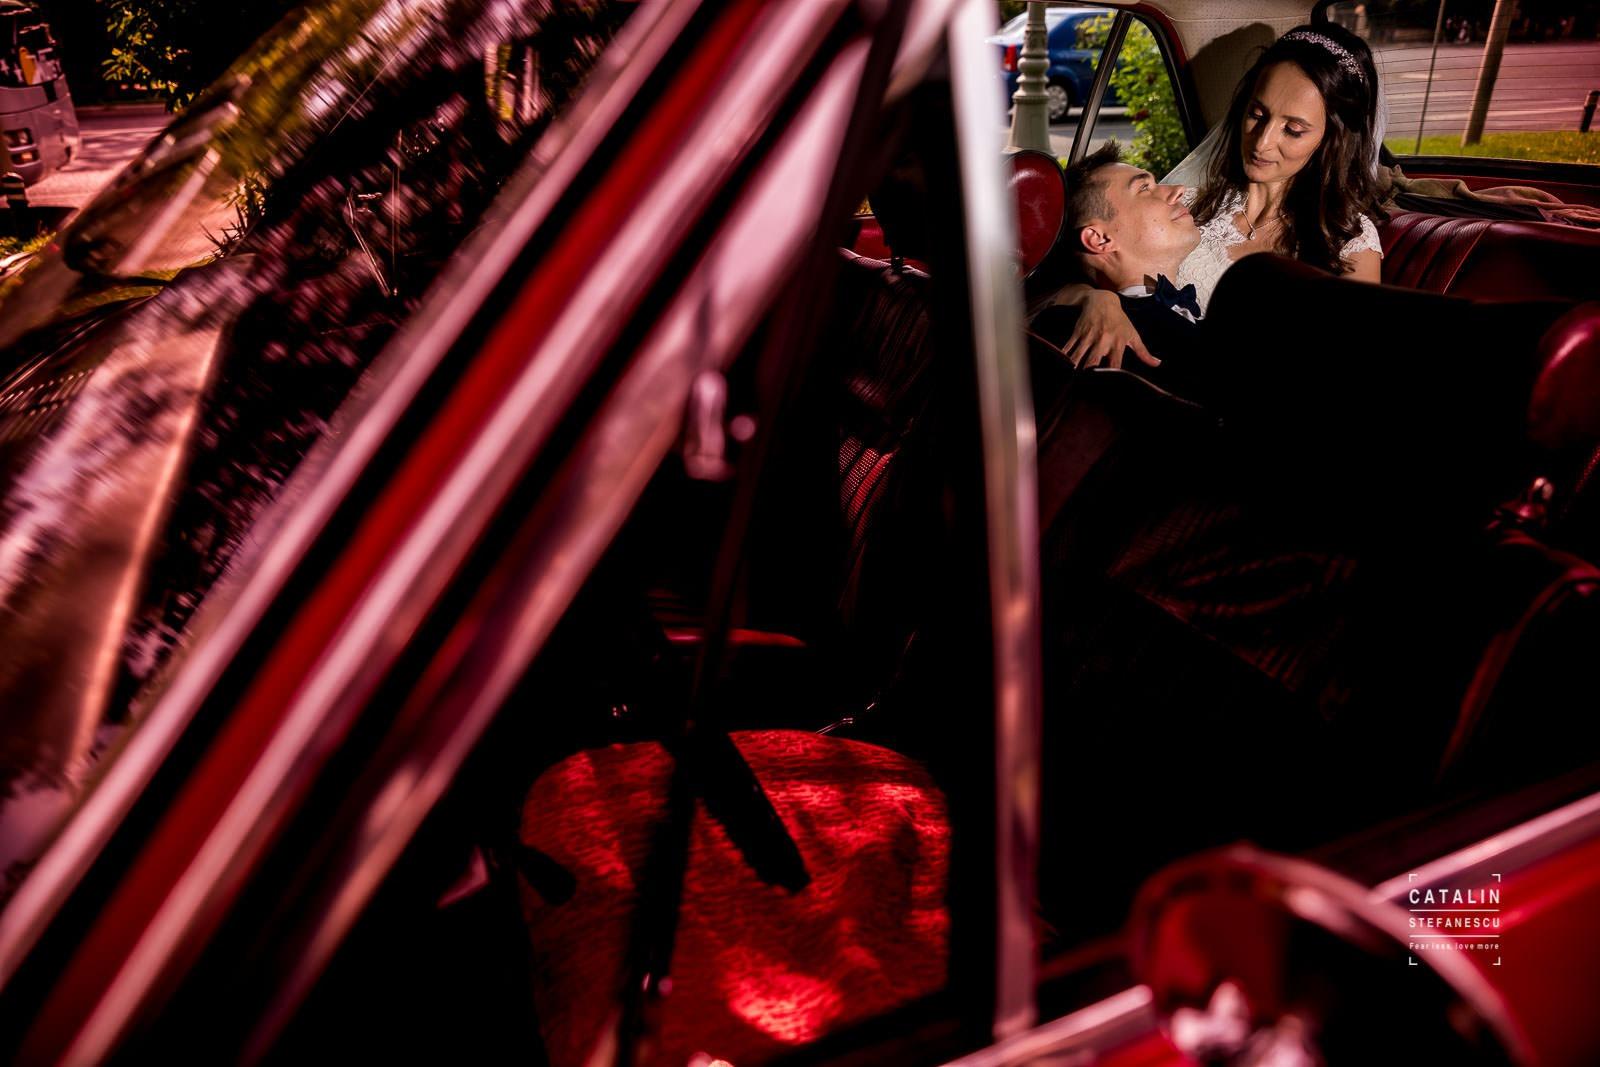 Foto Nunta Bucuresti - Fotograf Profesionist Bucuresti - Catalin Stefanescu - Nunta Carmen & Bogdan